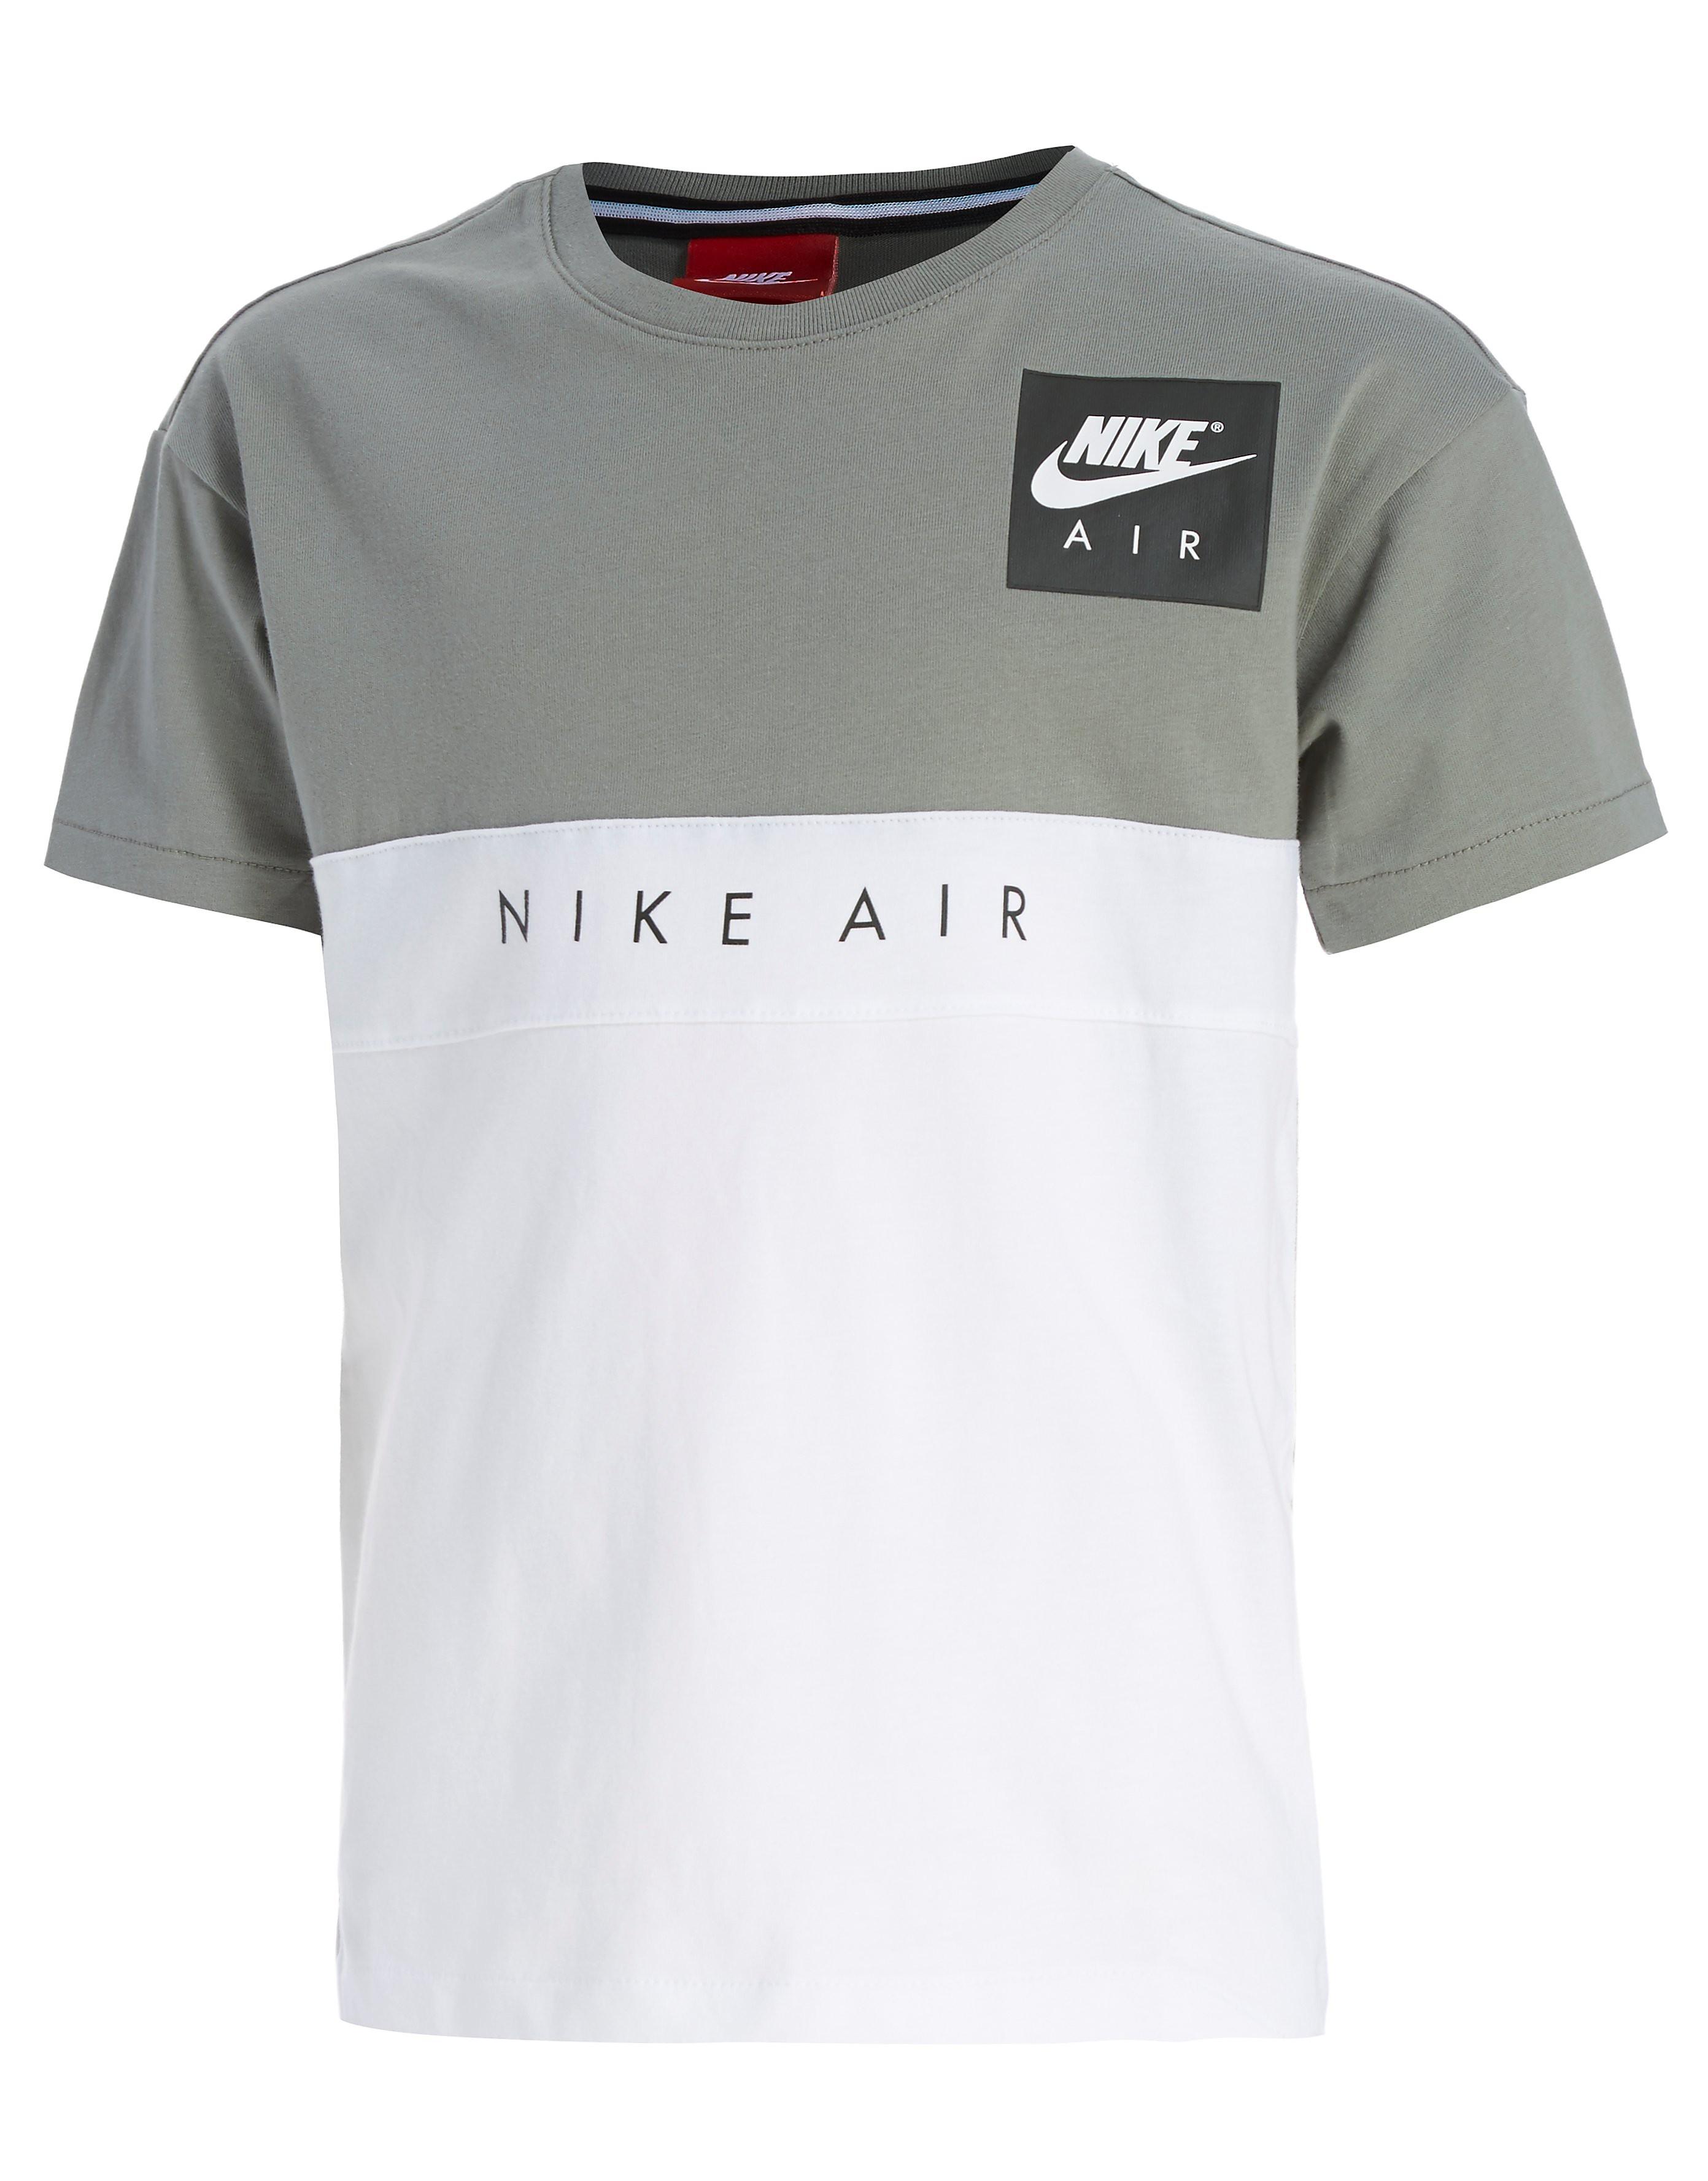 Nike T-shirt Air Colourblock Junior - blanc/gris, blanc/gris